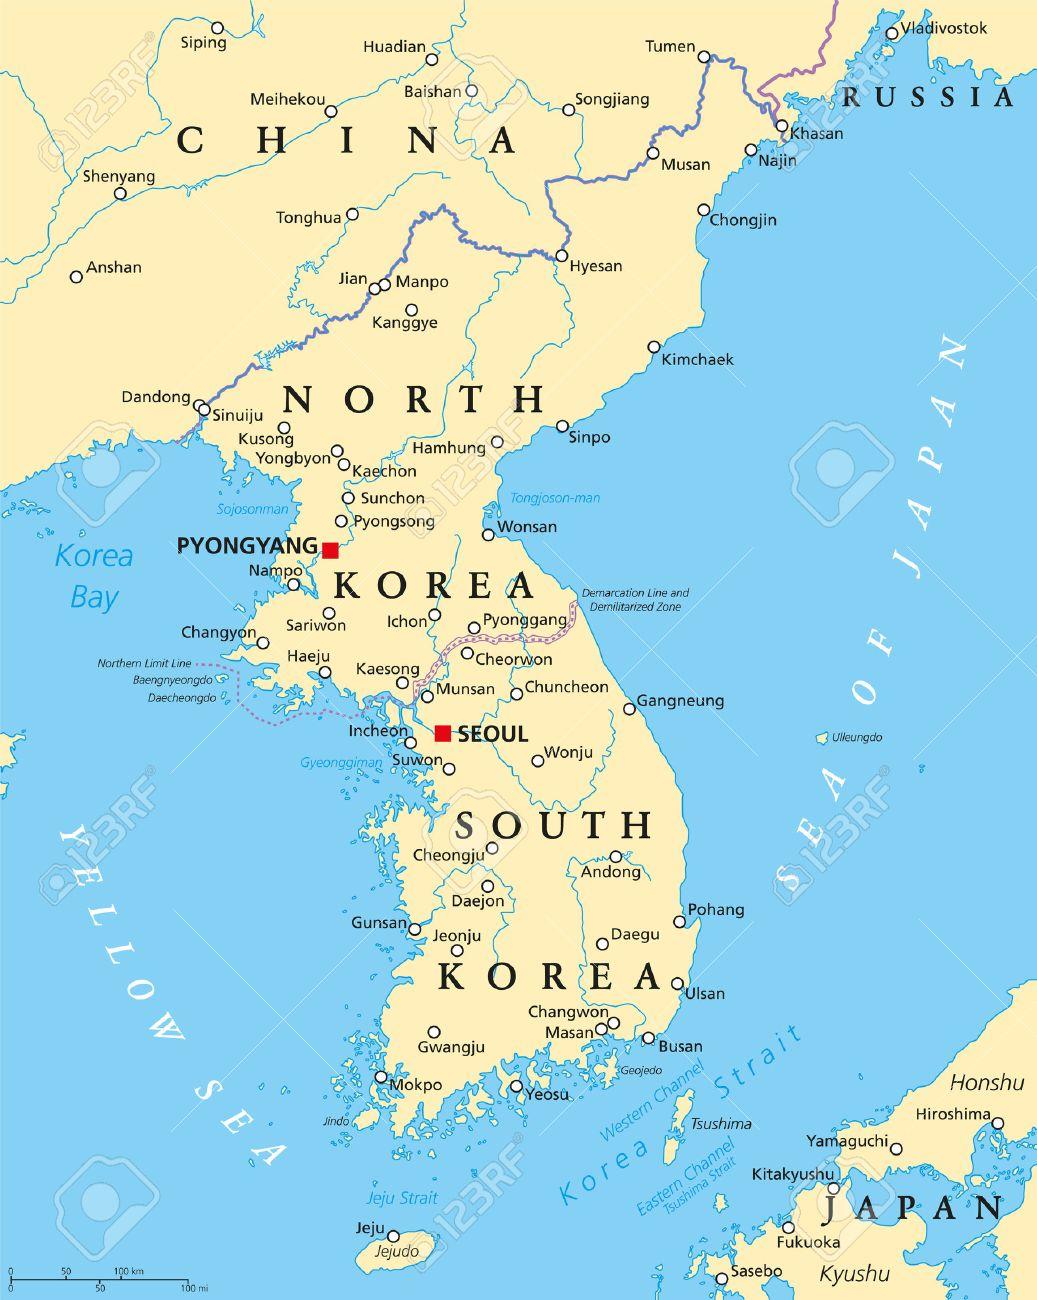 Mapa Politico Con La Peninsula De Corea Del Norte Y Corea Del Sur